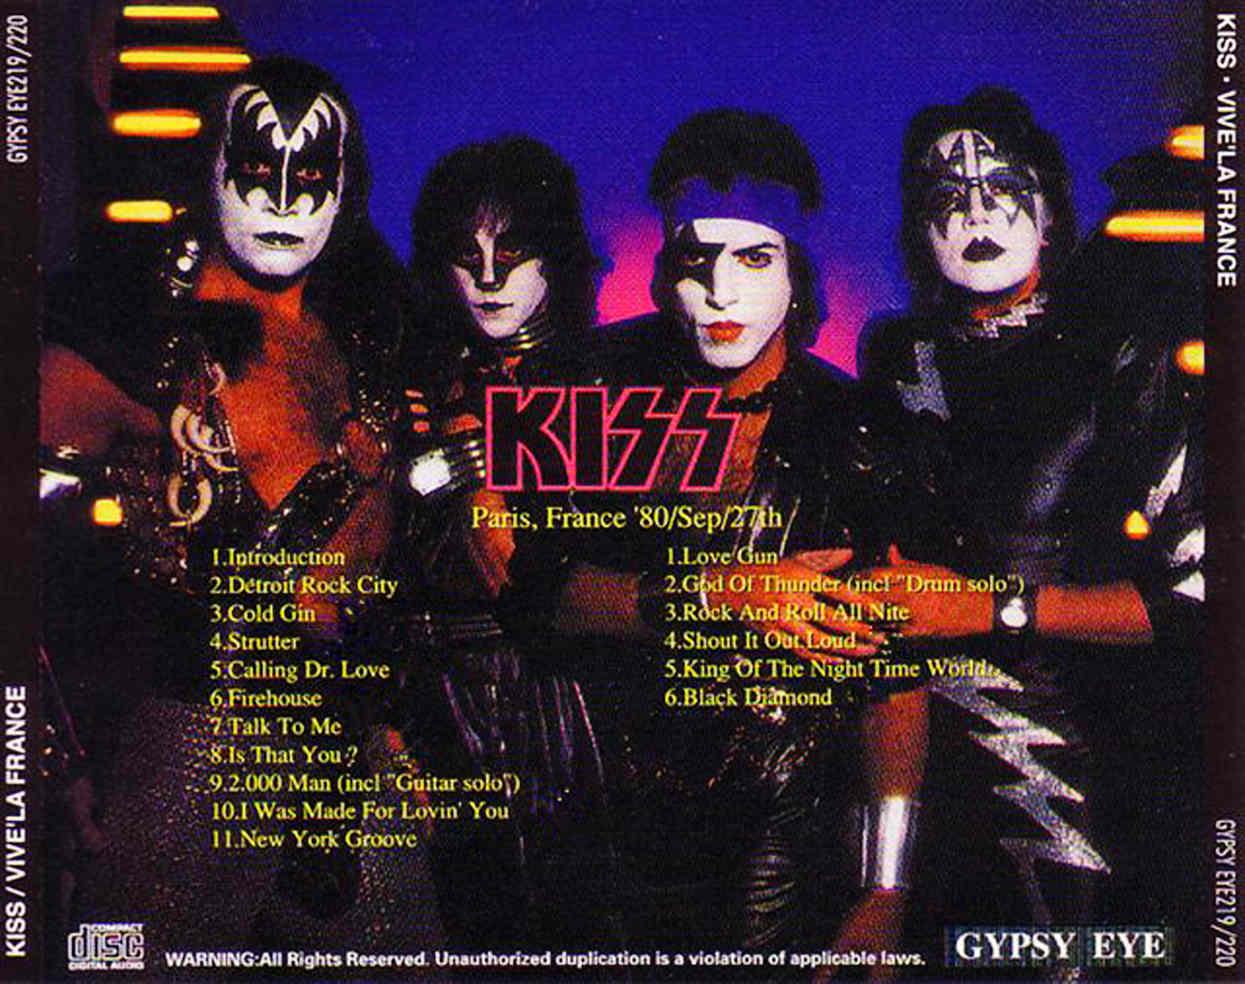 RELIQUARY: Kiss [1980.09.27] Vive 'La France (Gypsy Eye